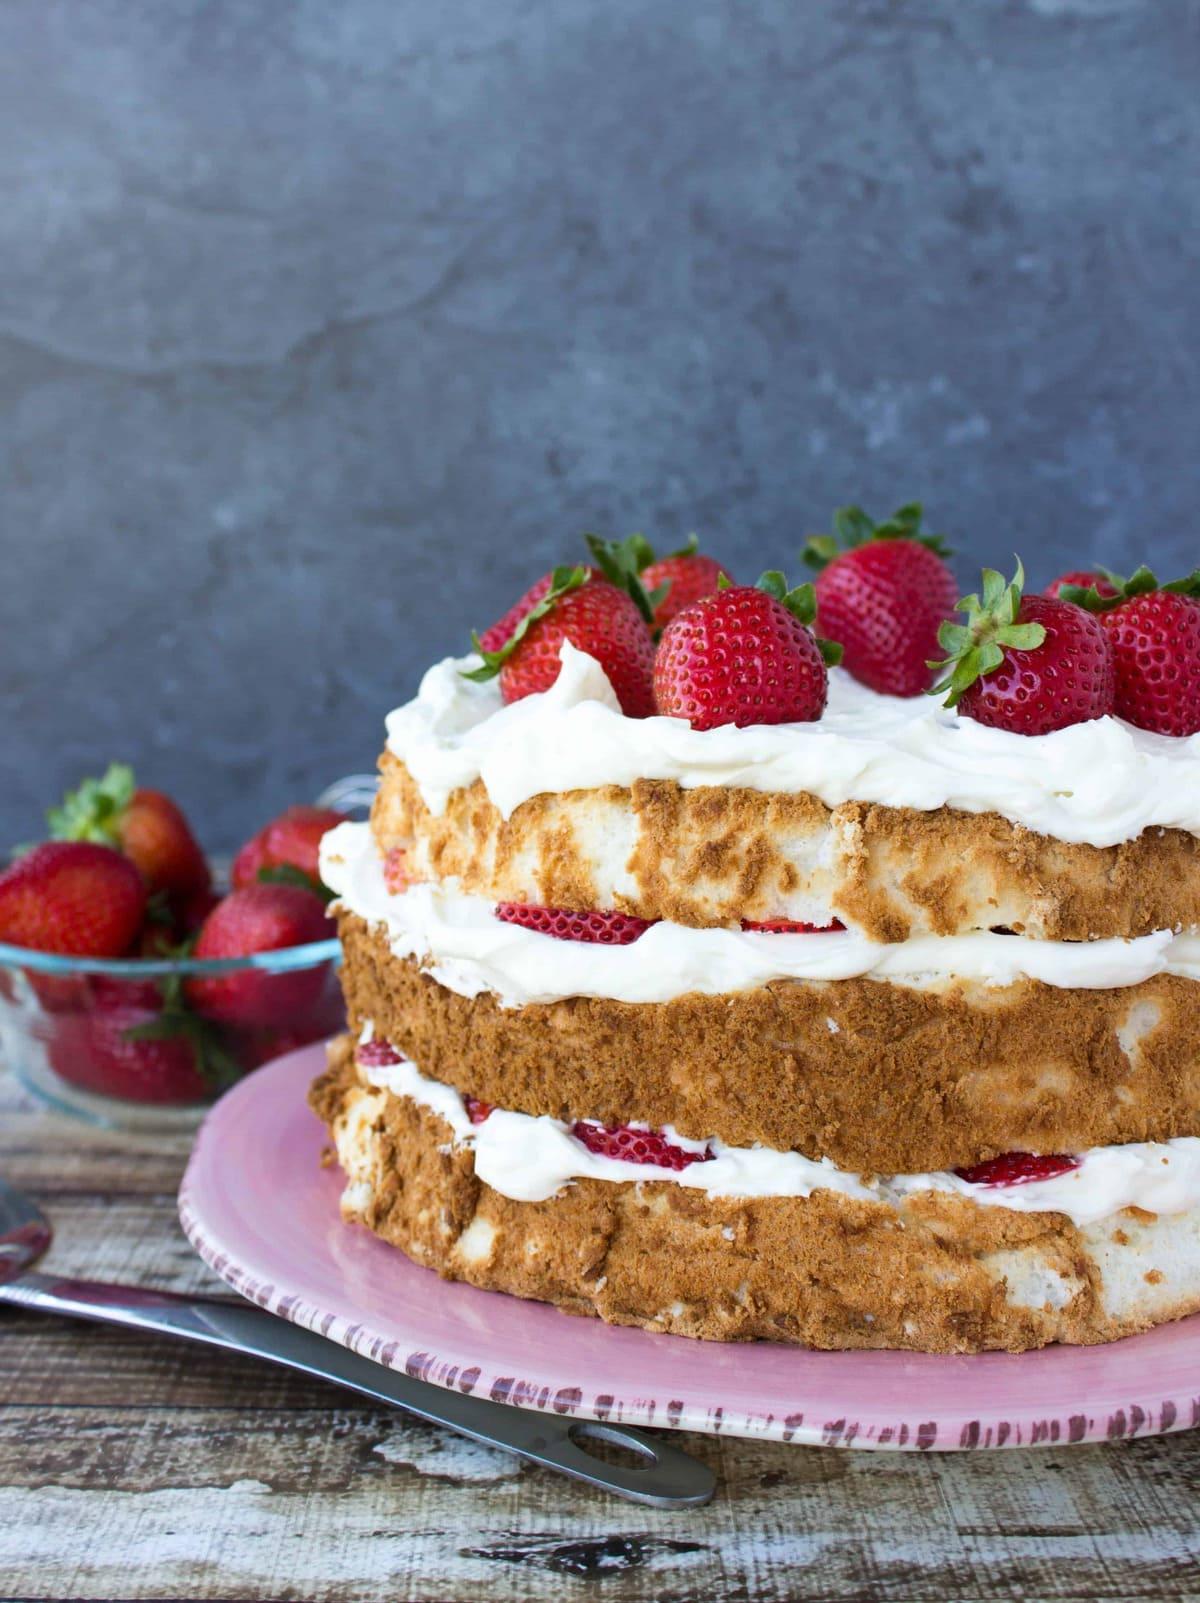 Strawberry cake crush - 5 8